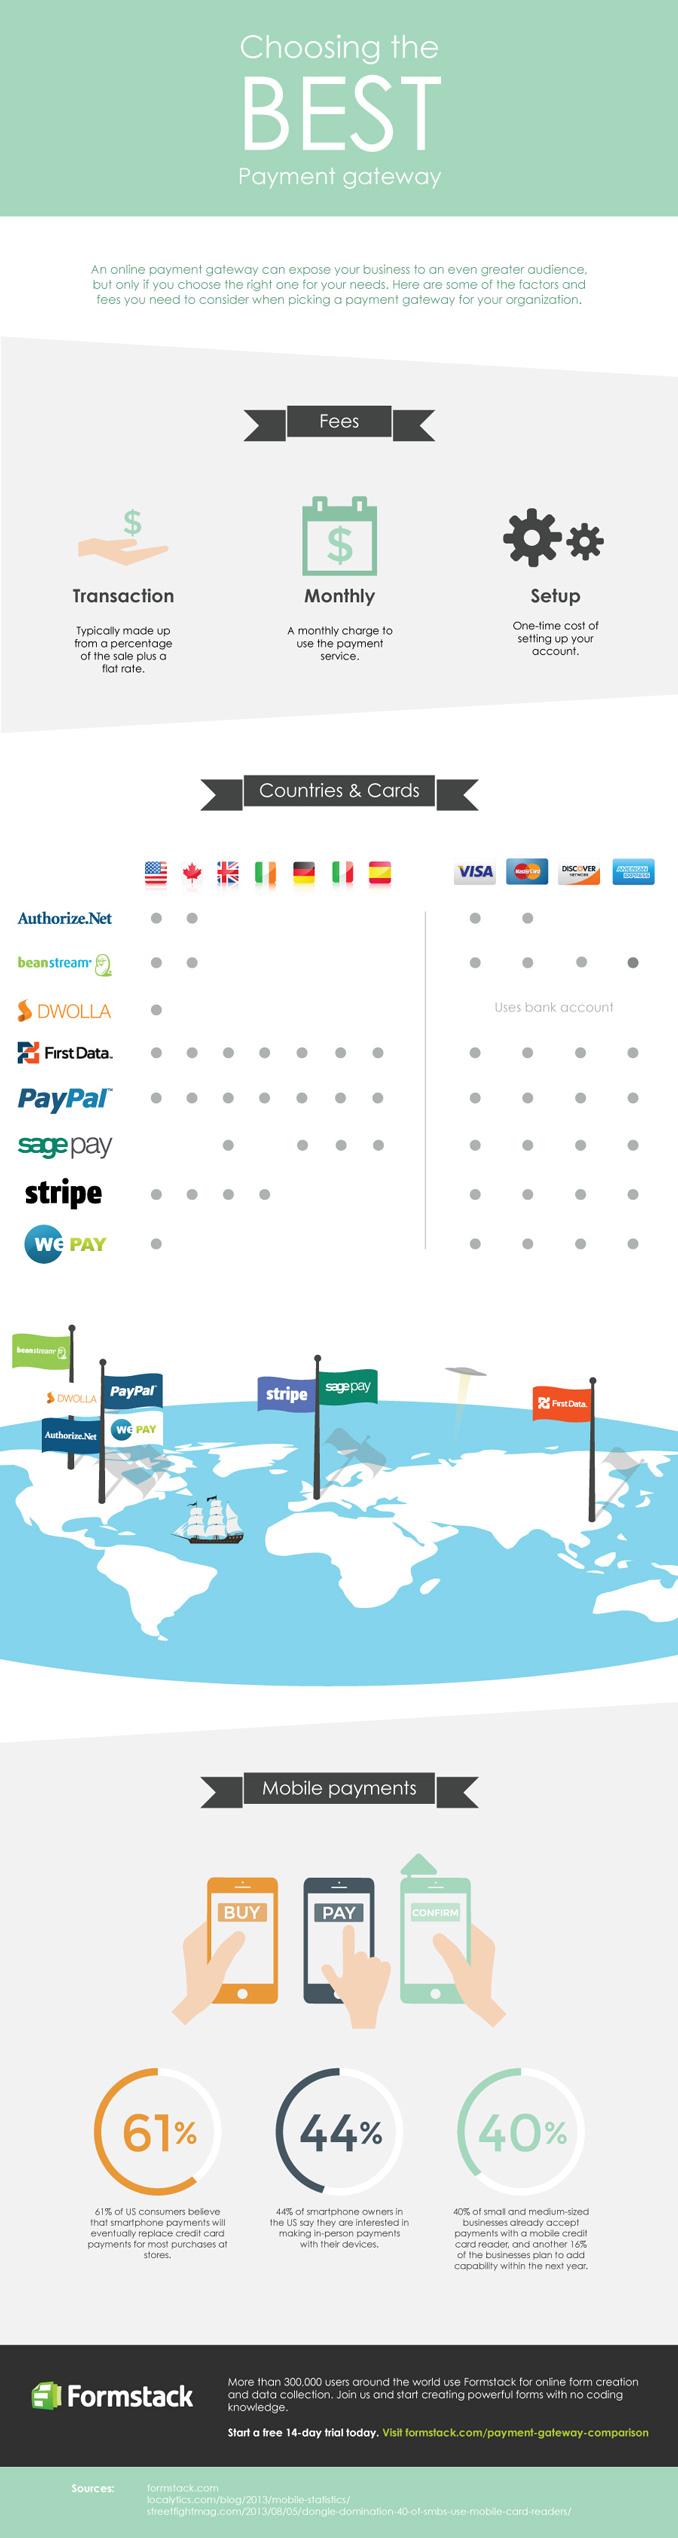 2013 Payment Gateway Comparison Infographic